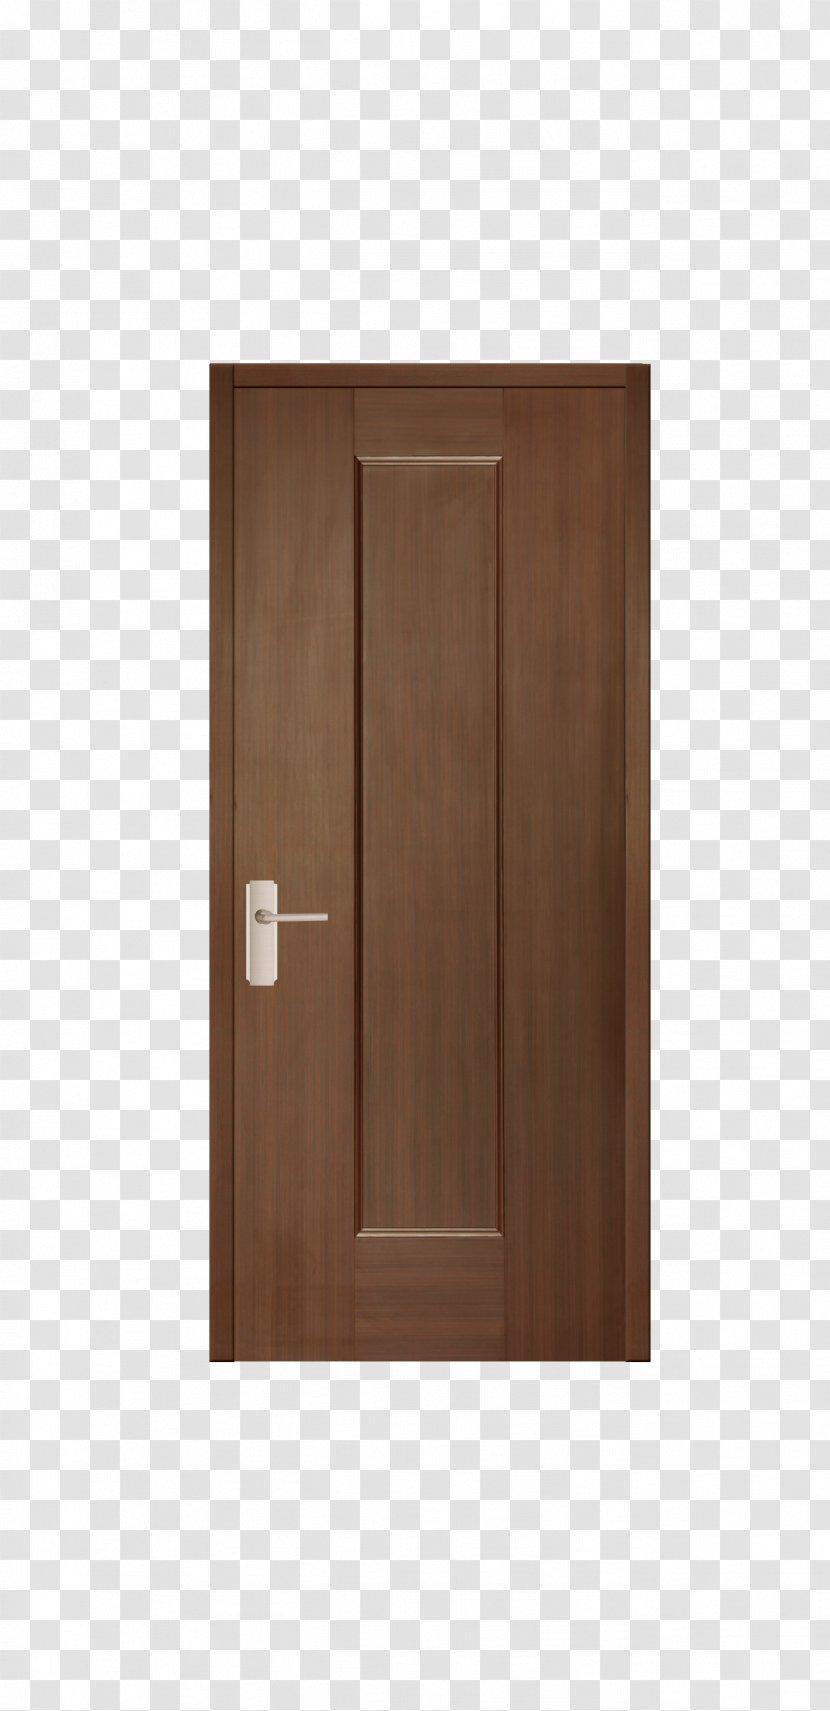 Hardwood Door Brown Transparent PNG